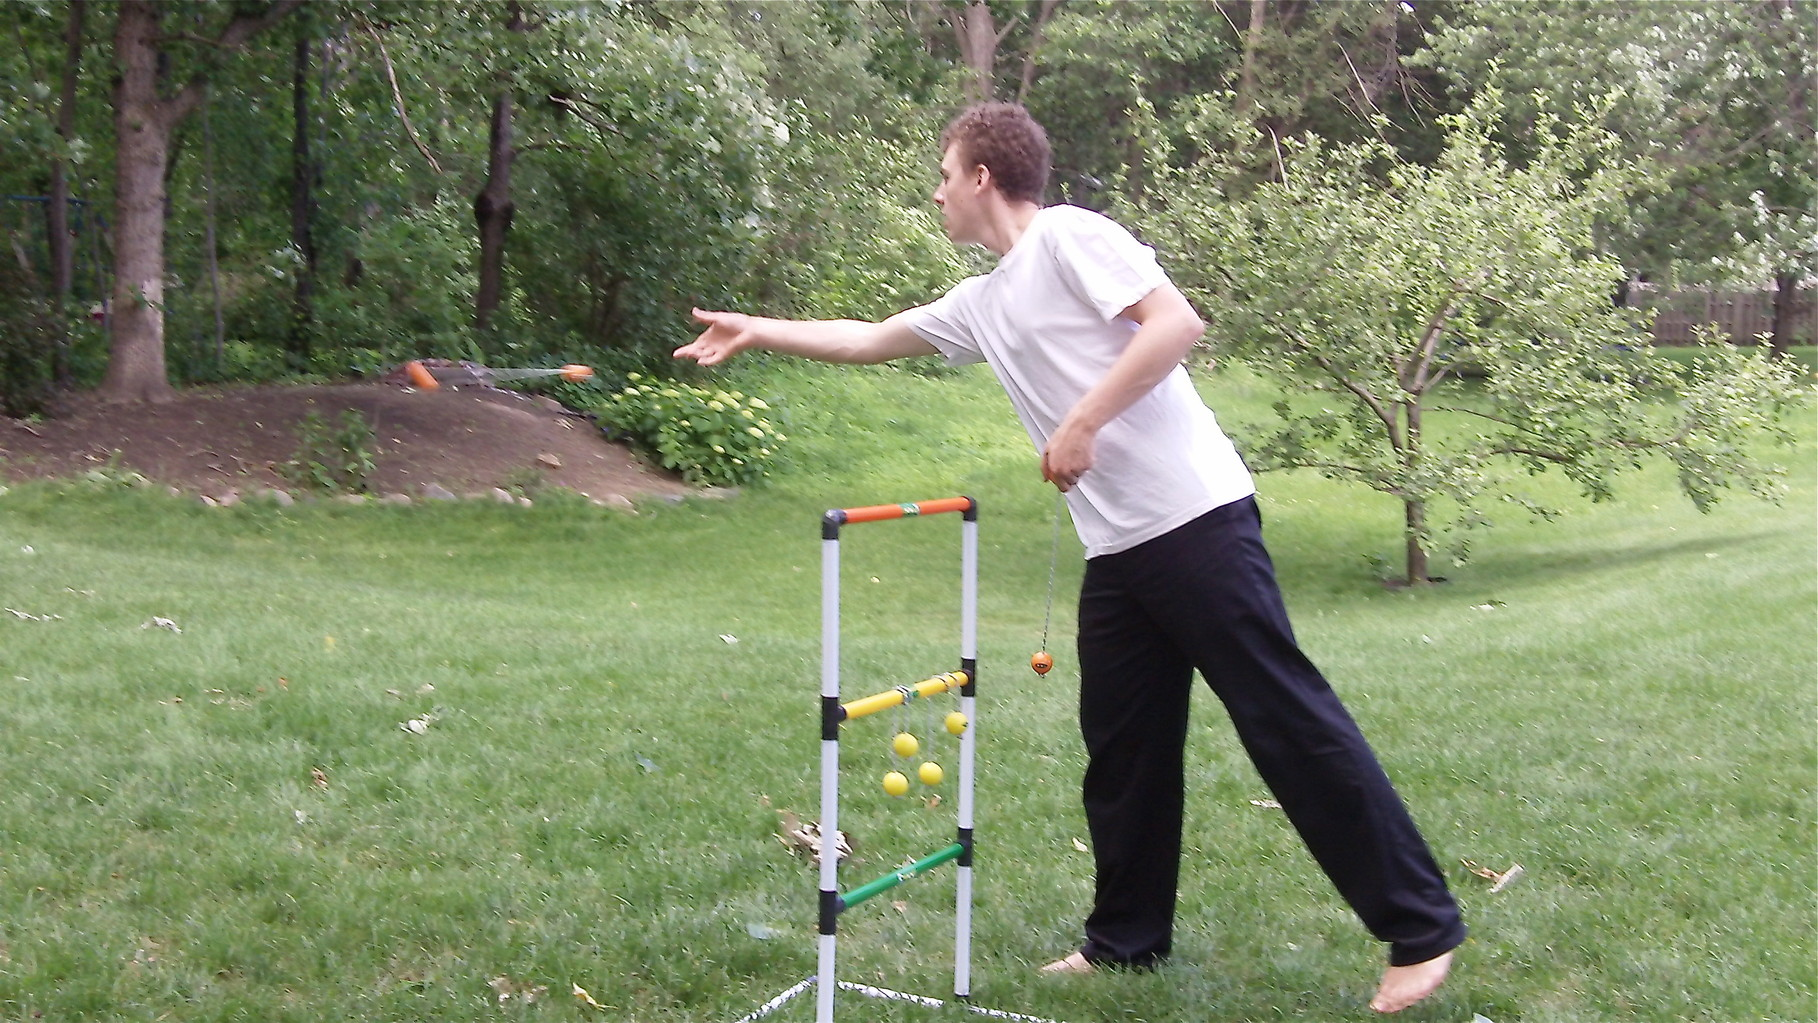 Ben Ackerman throws..